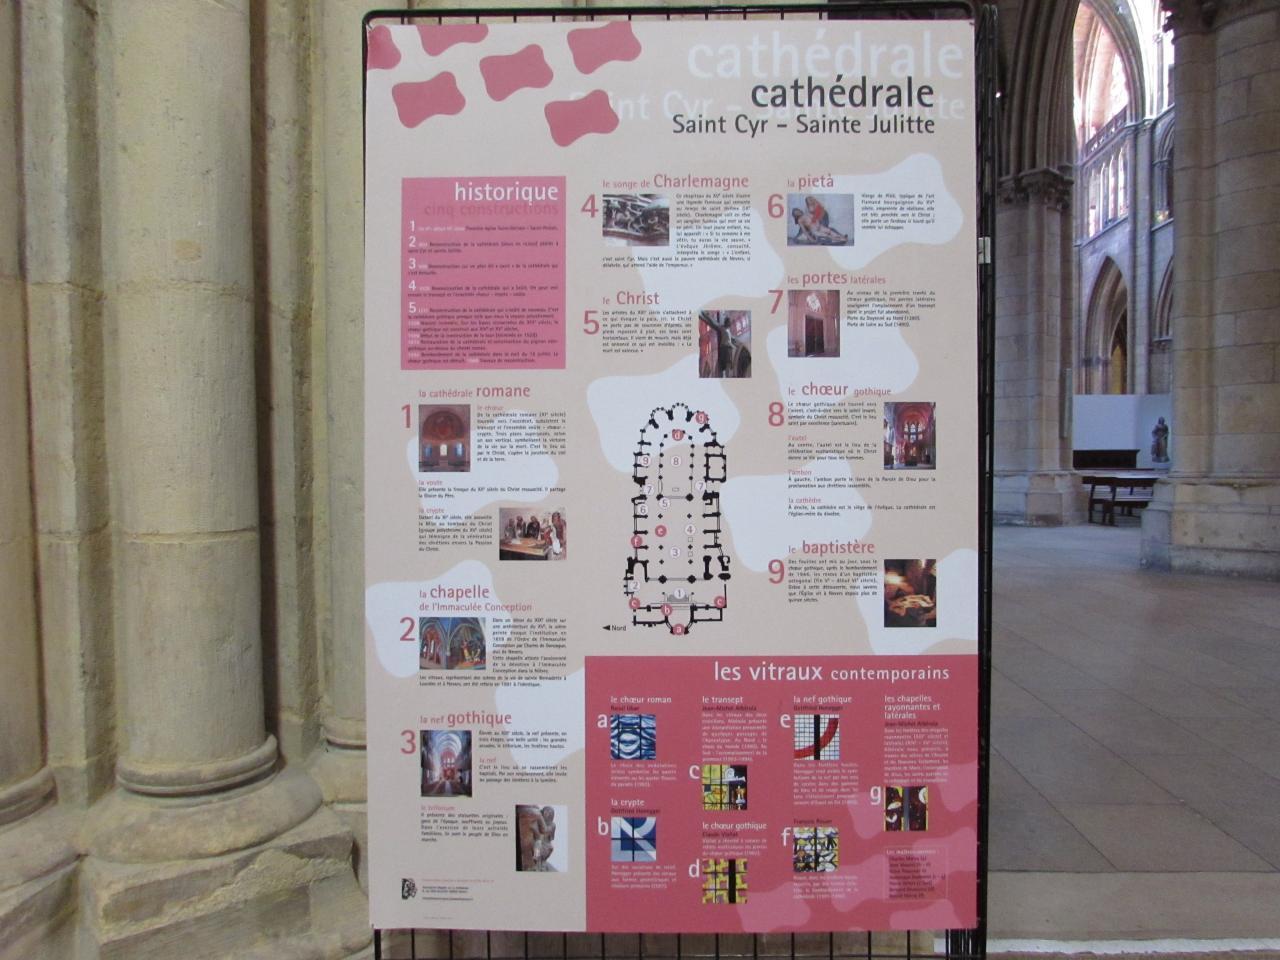 036.Cathédrale St Cyr et Ste Julitte